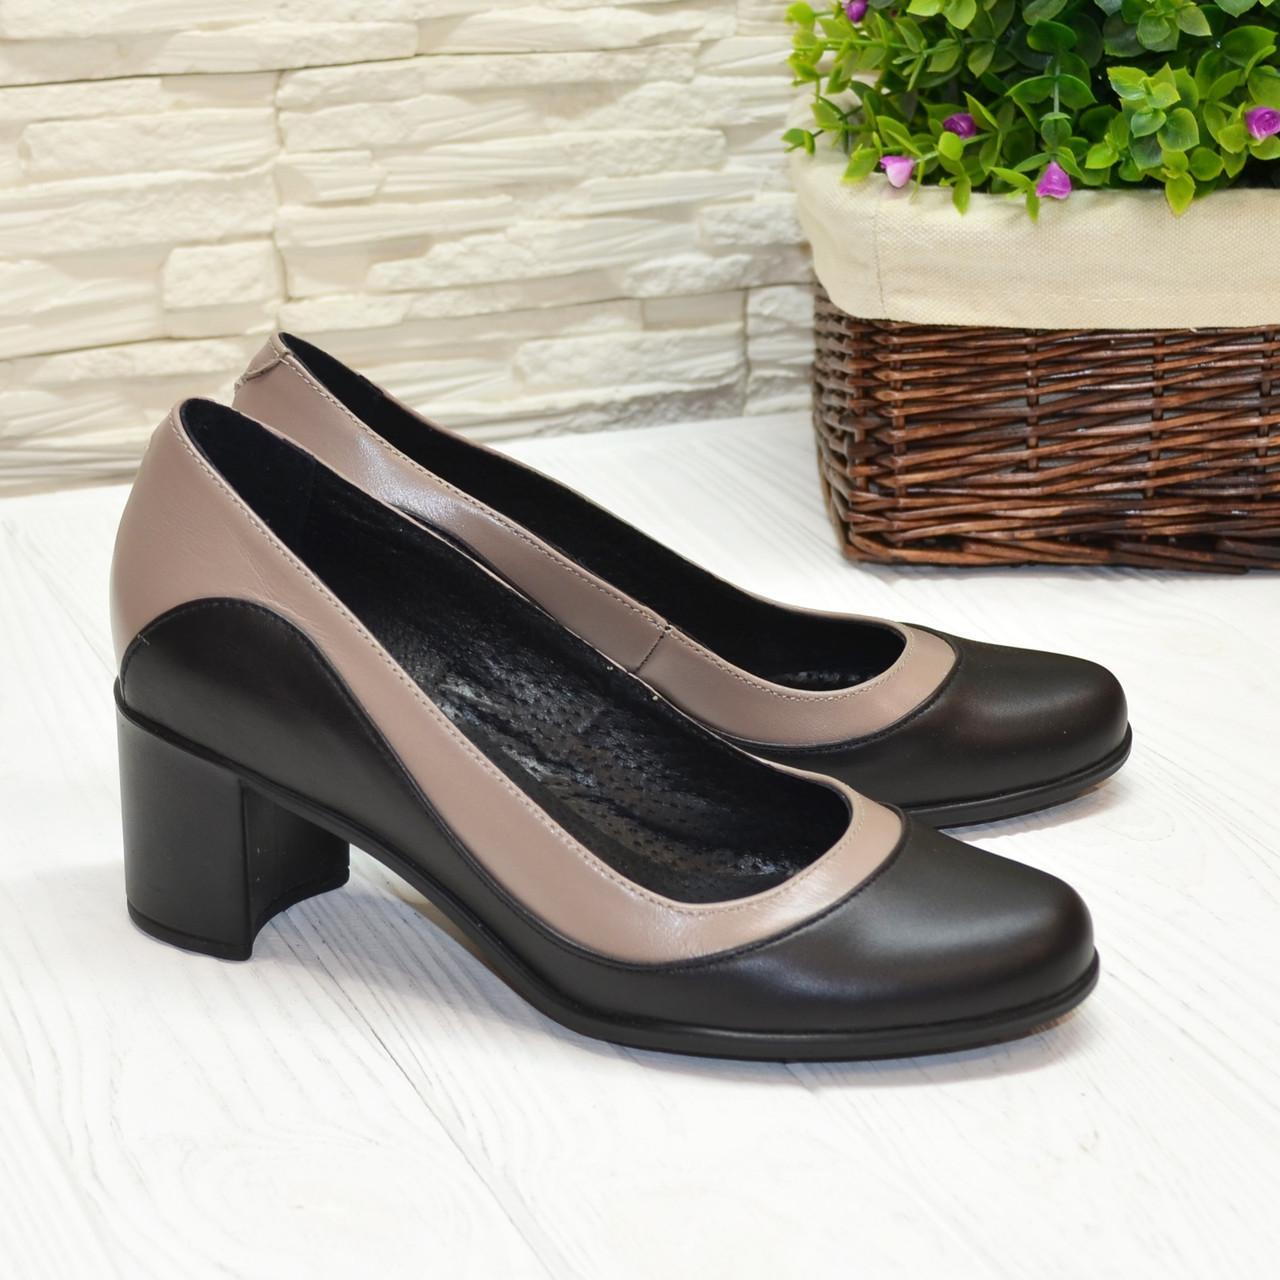 Женские классические туфли на невысоком каблуке, цвет черный/визон